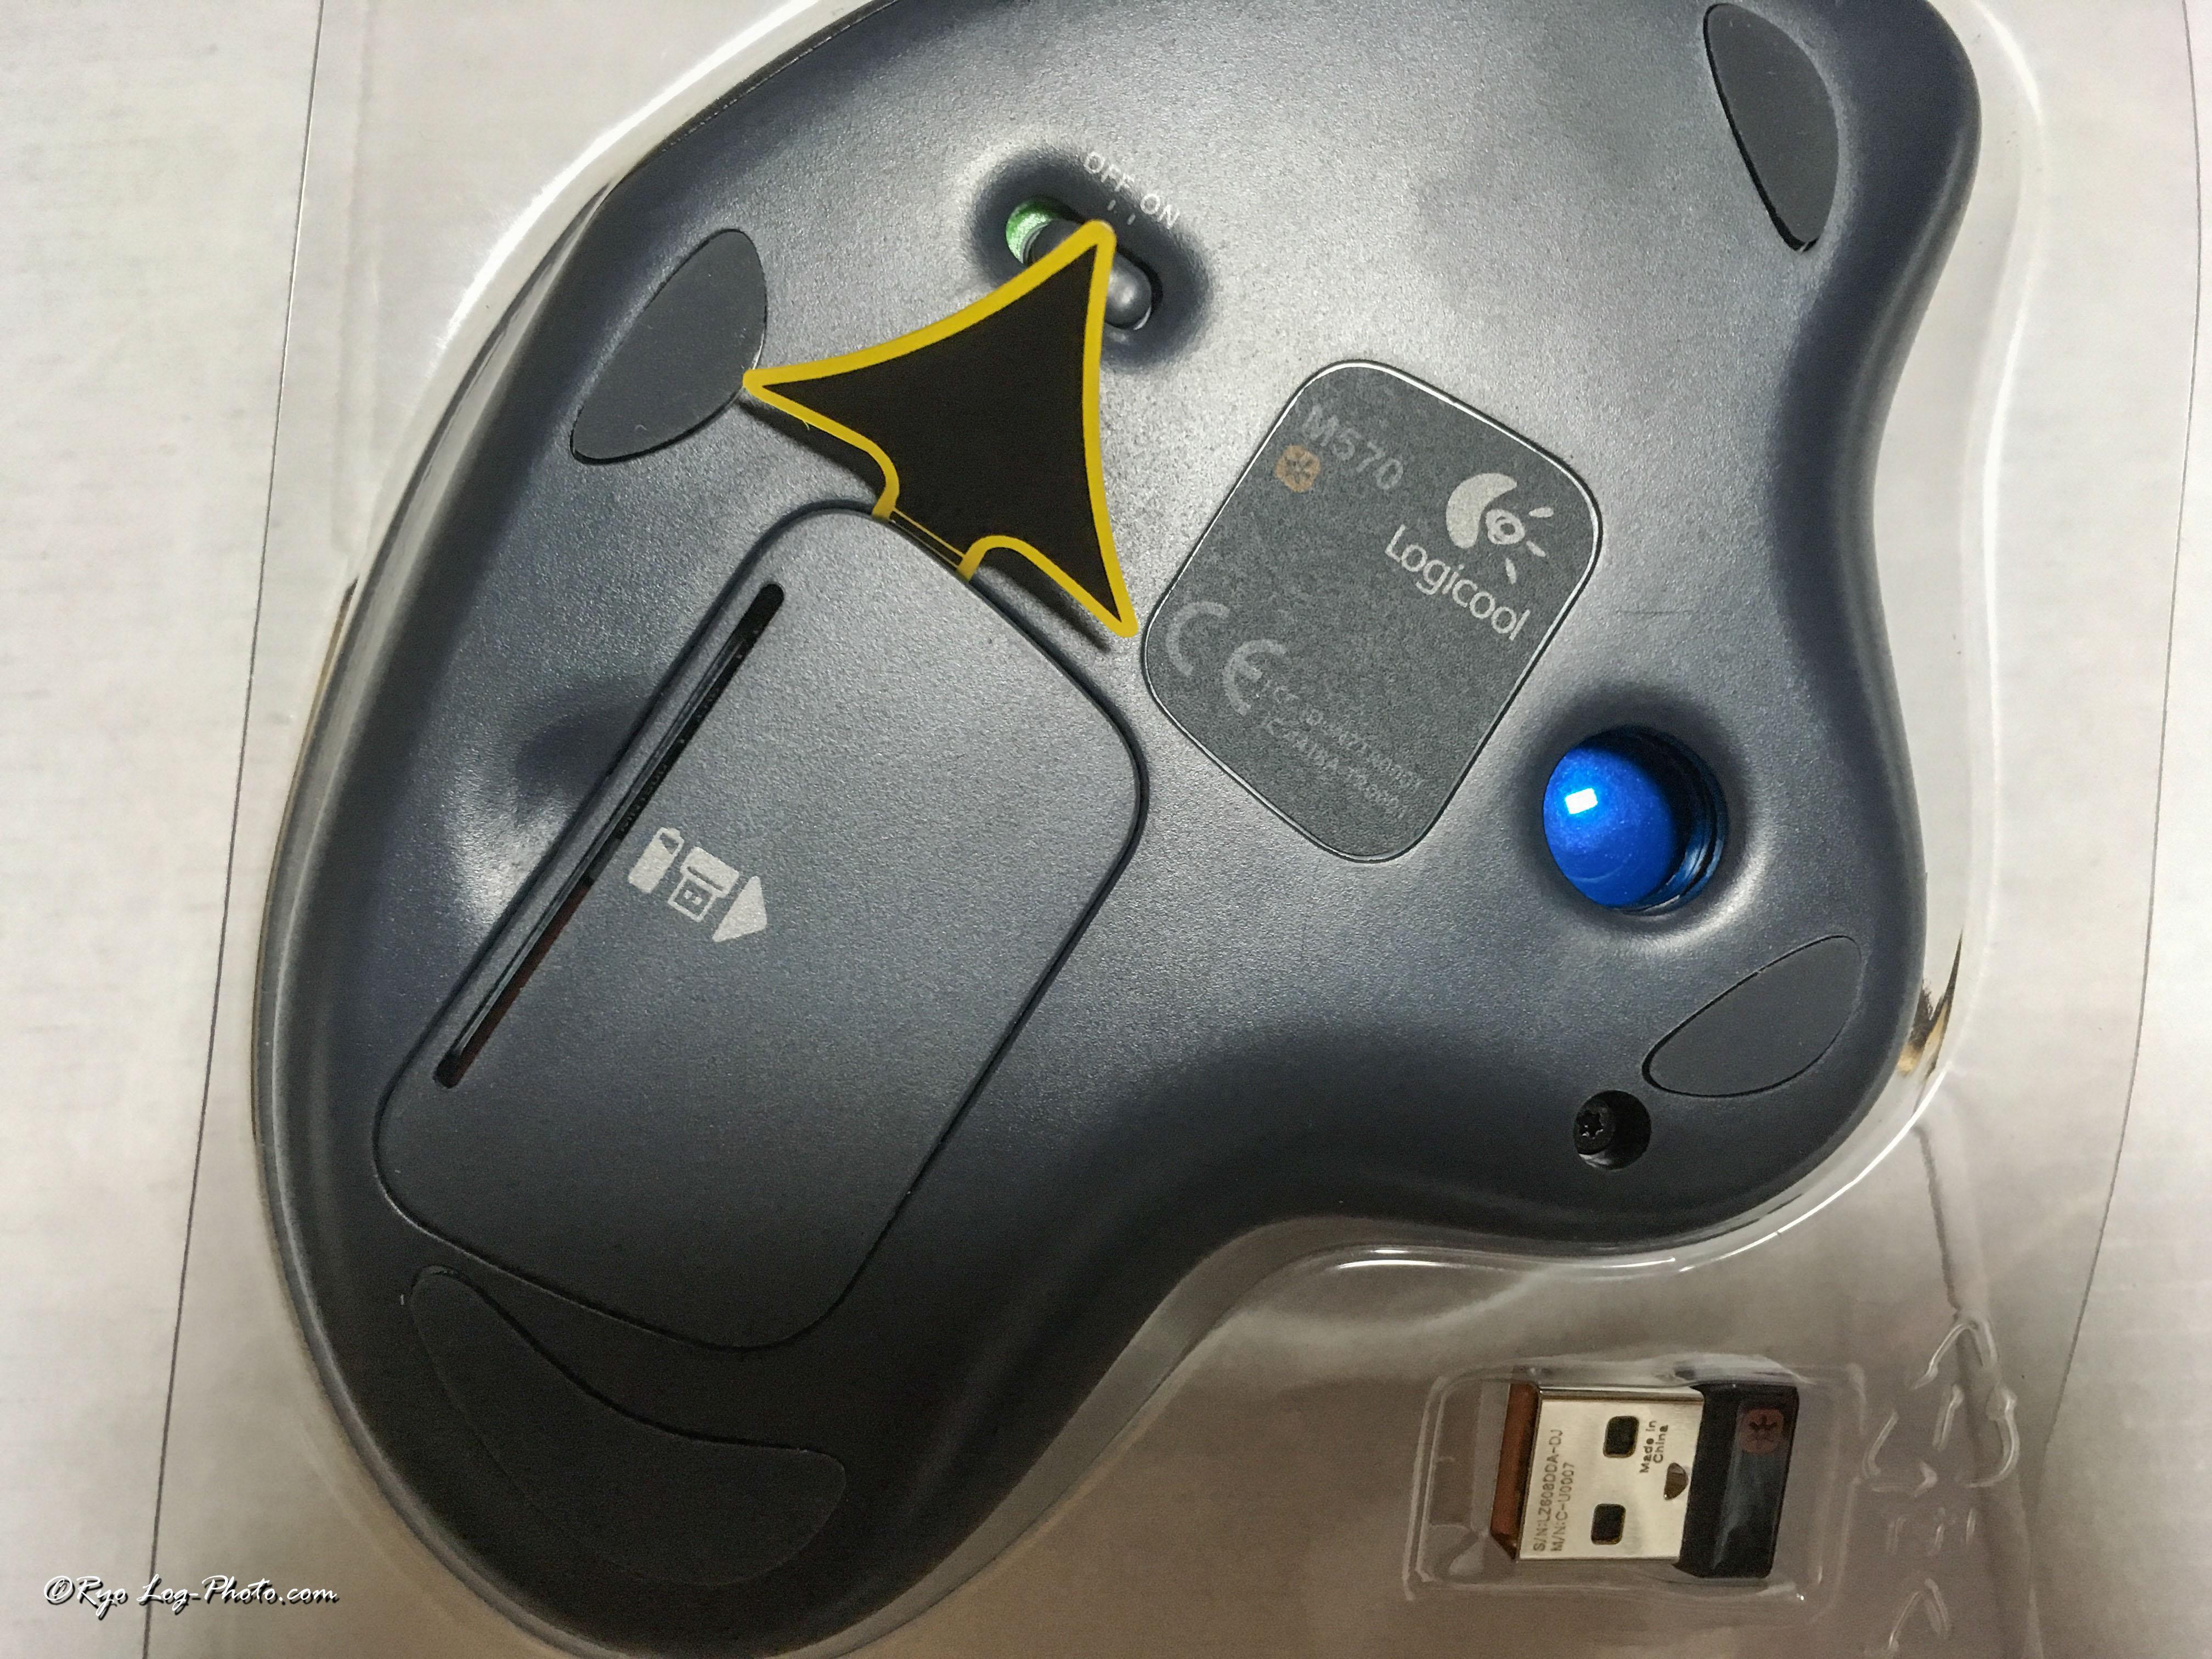 マウス背面、矢印を引っ張り抜くと、電池が接続される